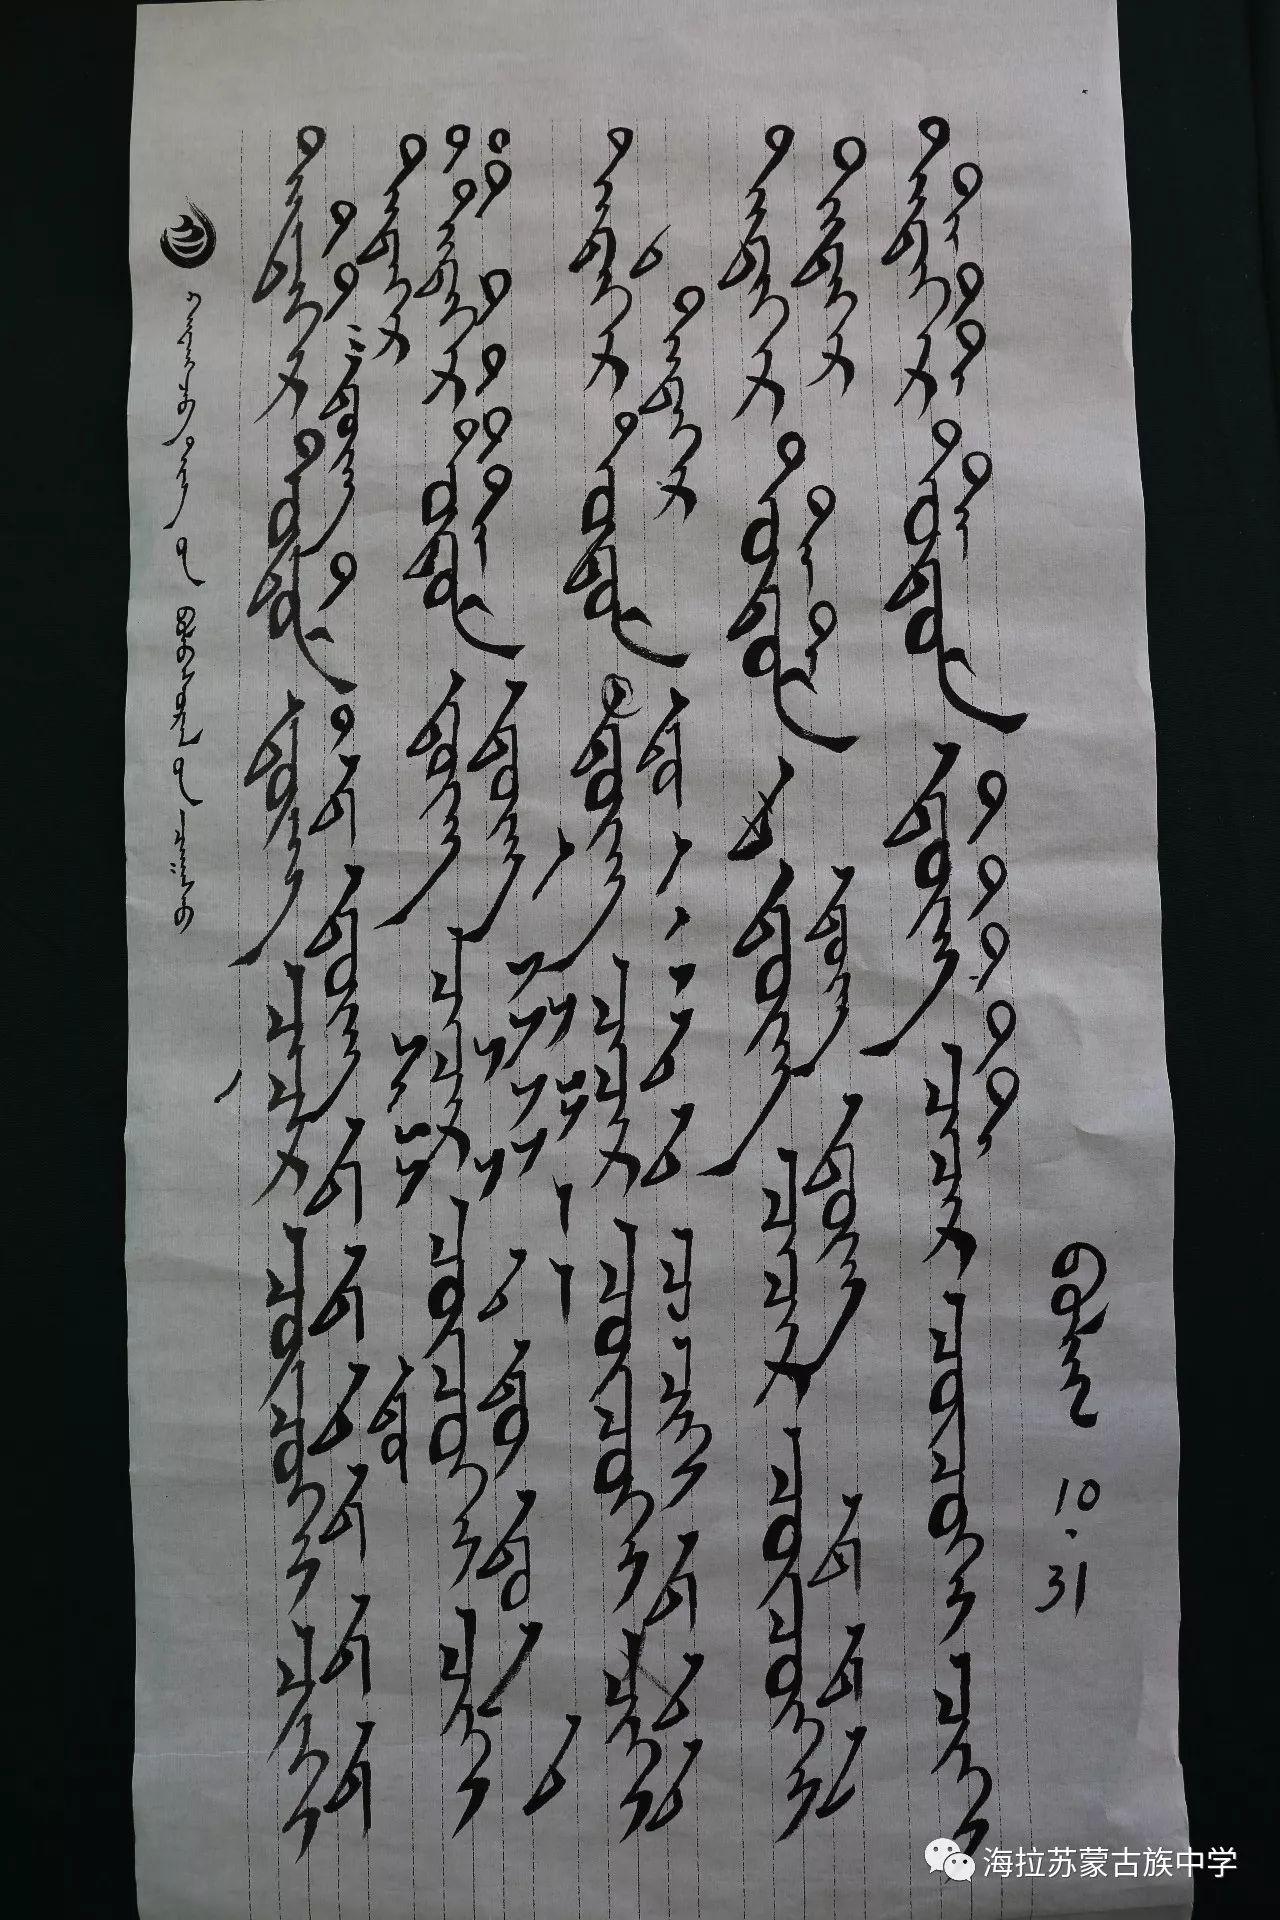 【奥奇】蒙古文书法网络展 第14张